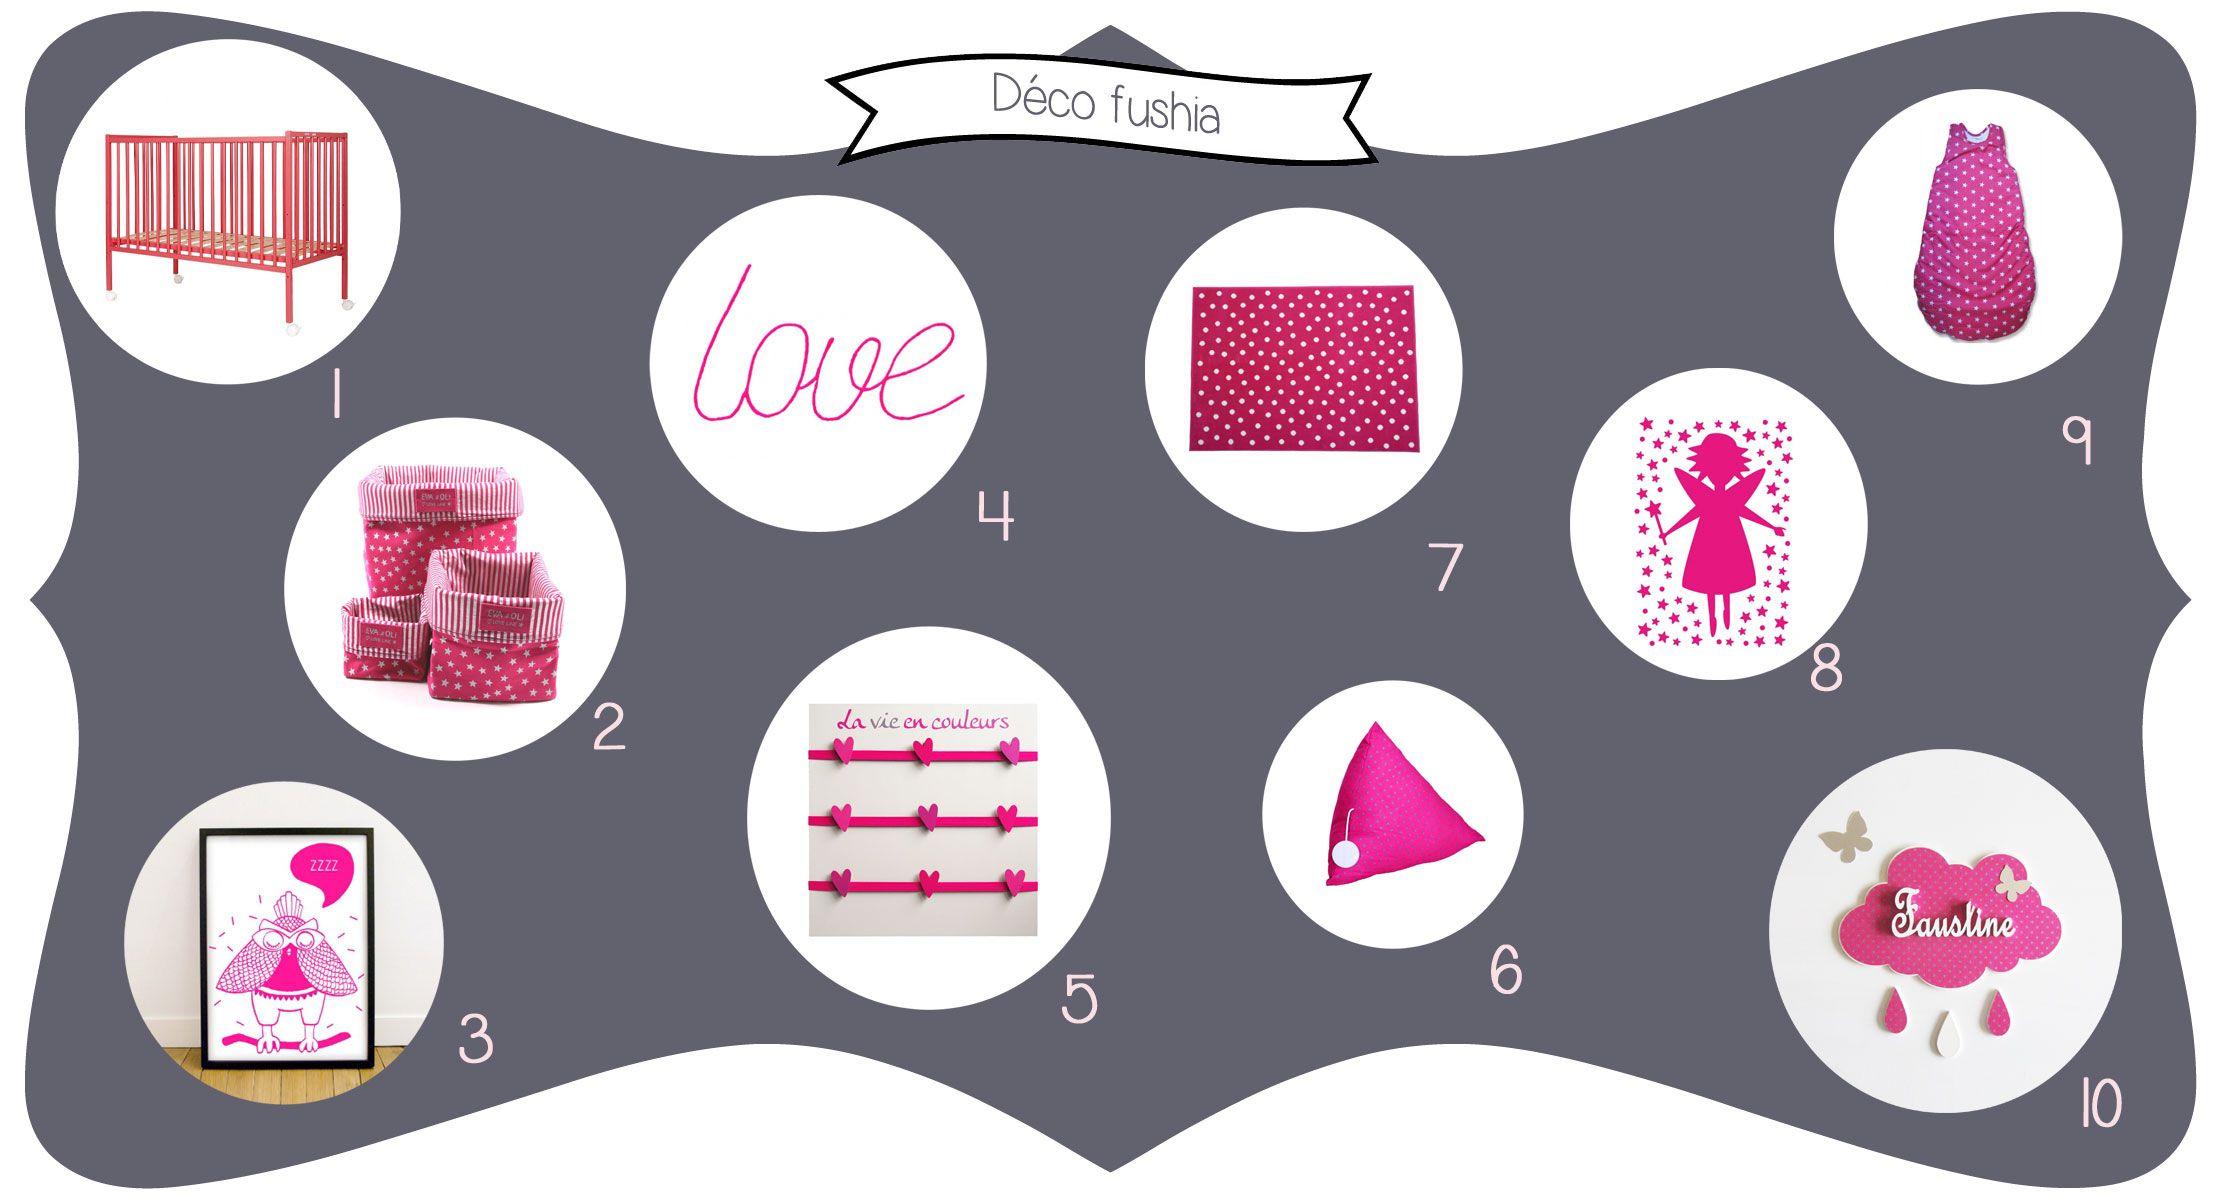 Idée déco chambre bébé fushia - rose  Idée déco chambre bébé